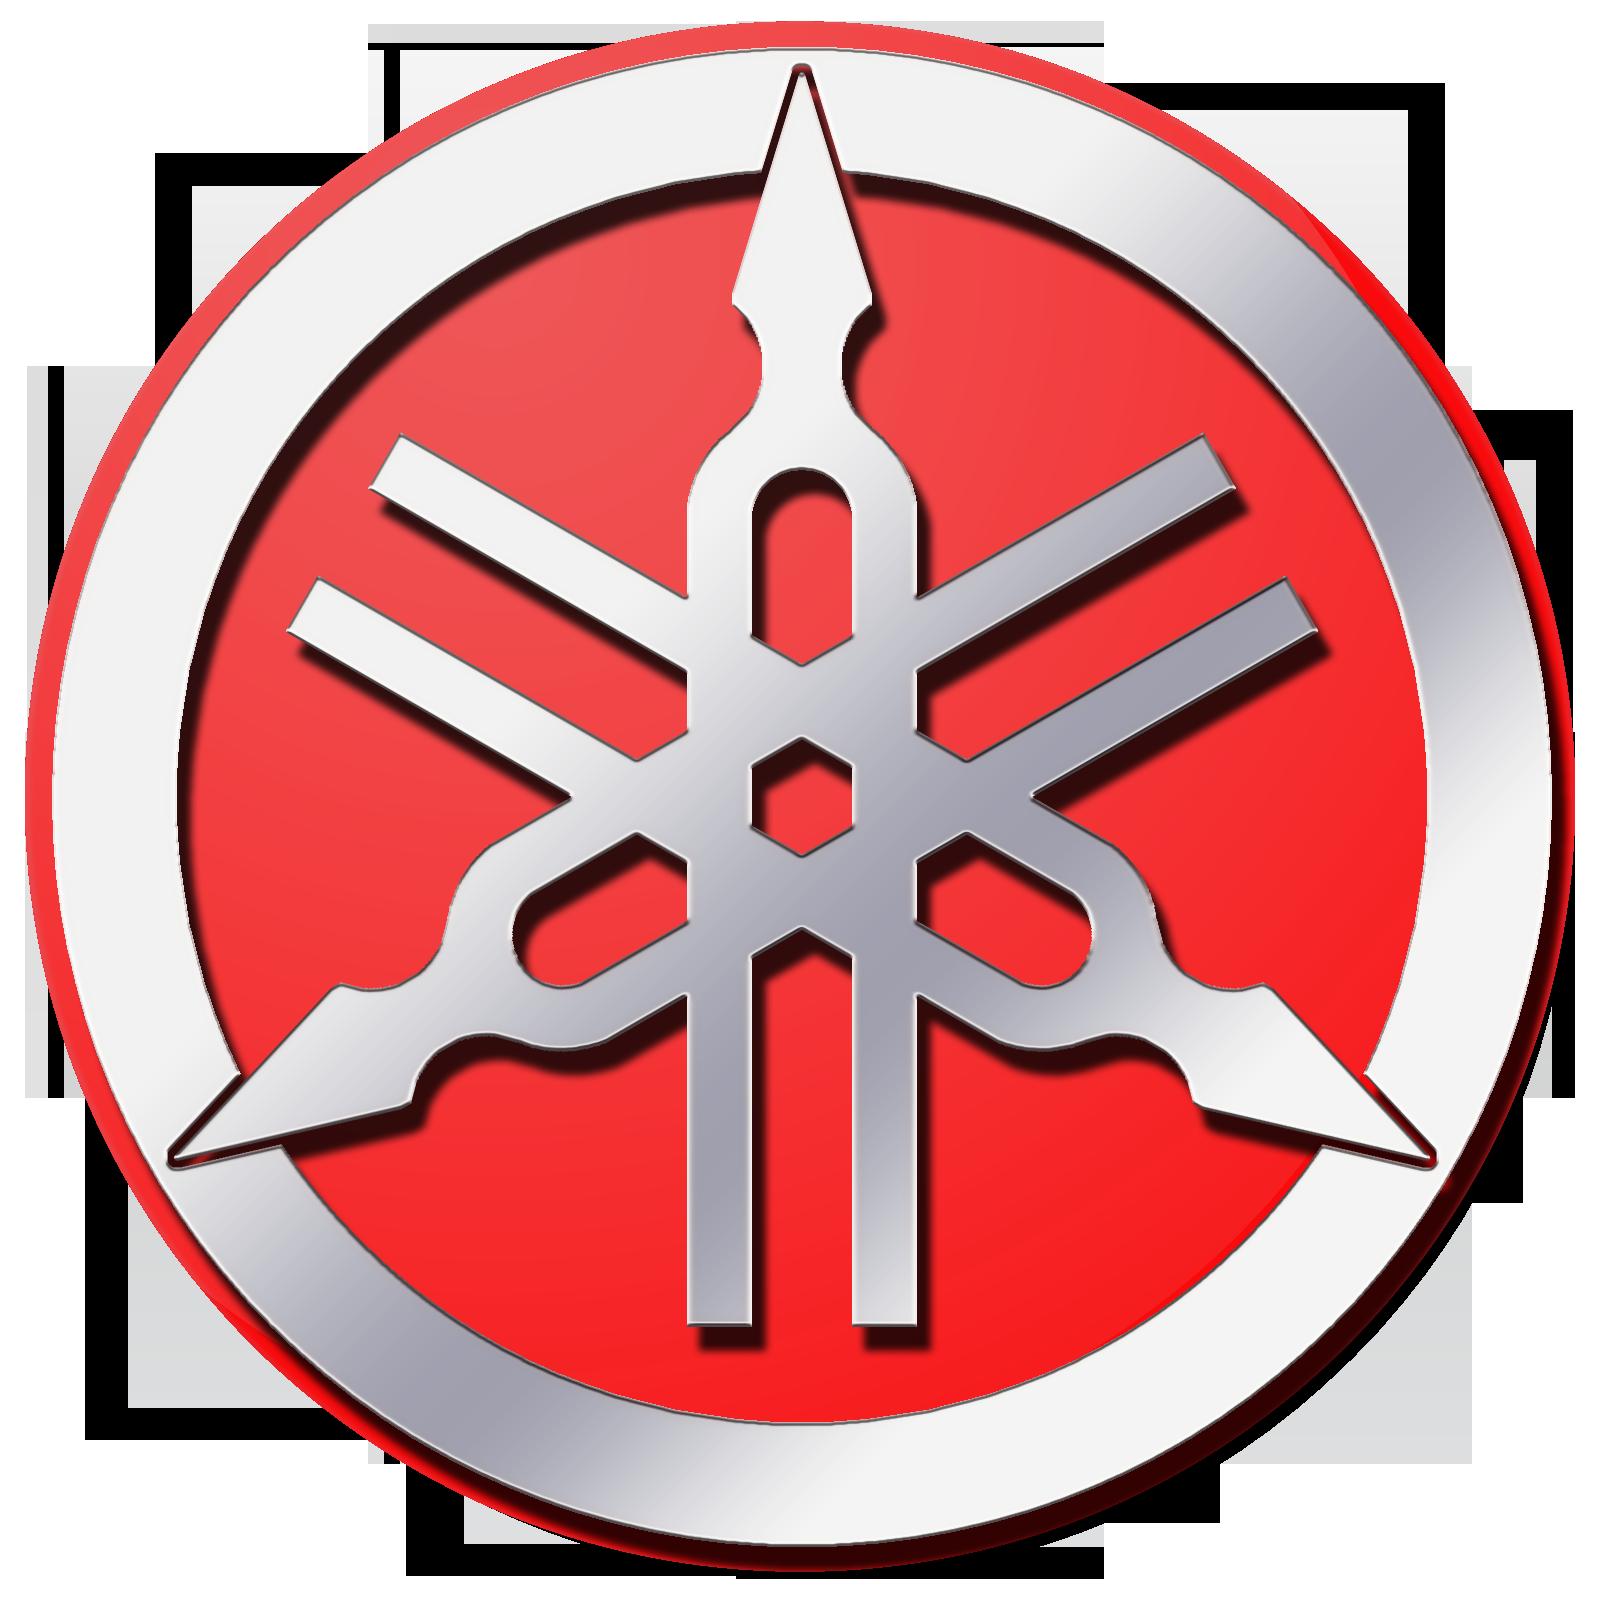 yamaha logo free2pngcom - photo #3